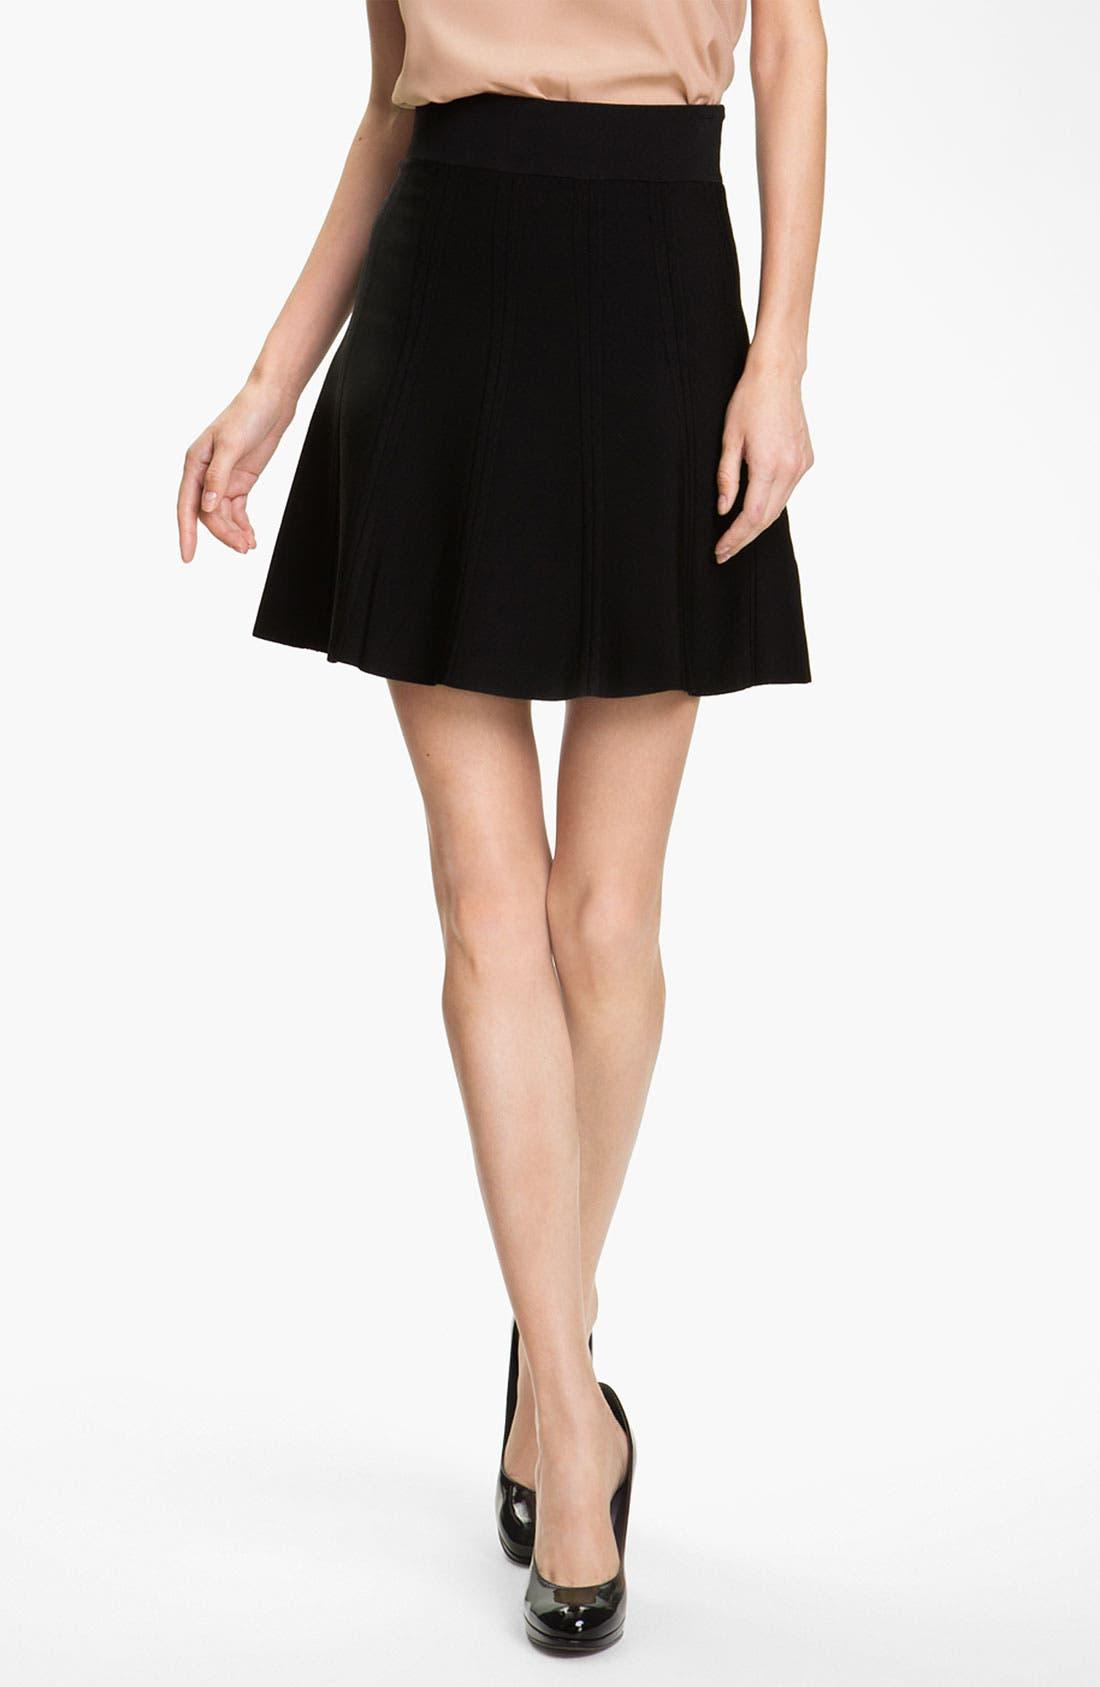 Alternate Image 1 Selected - Ted Baker London A-Line Skirt